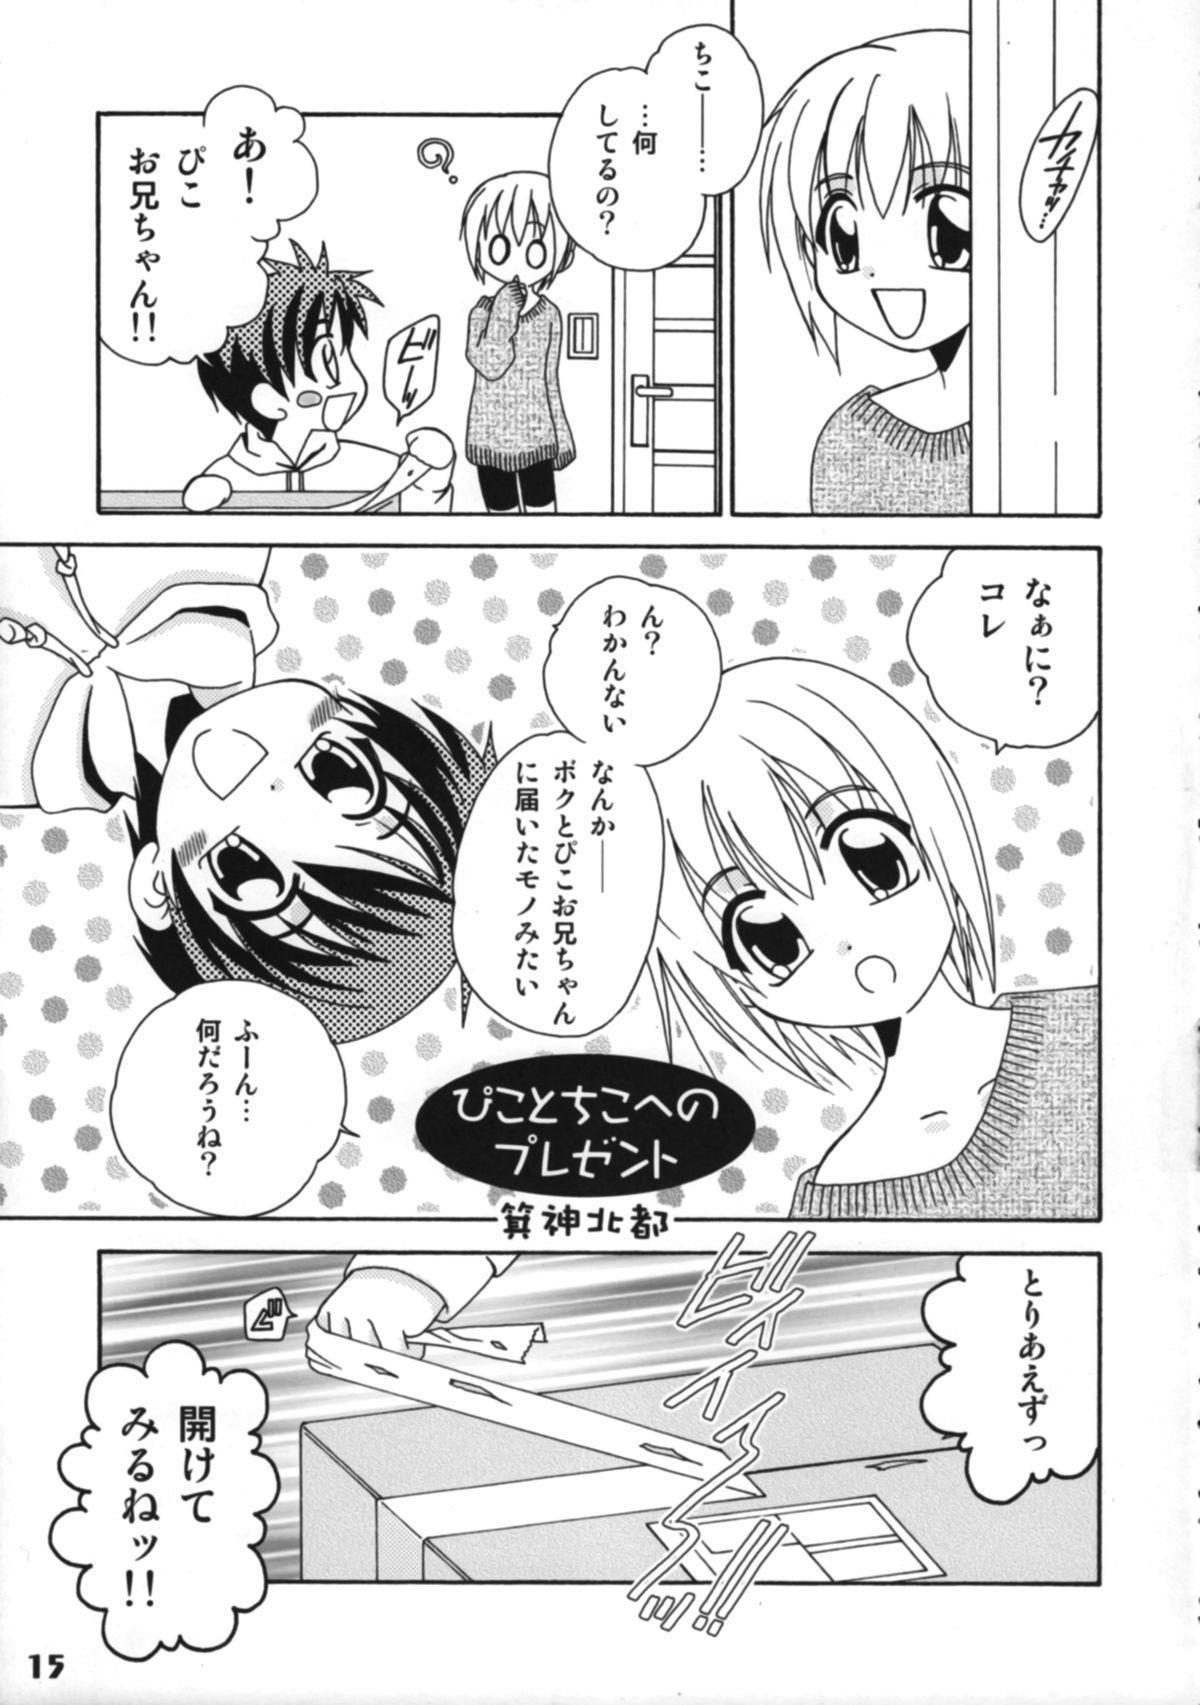 Bokutachi! Shotappuru!! 14